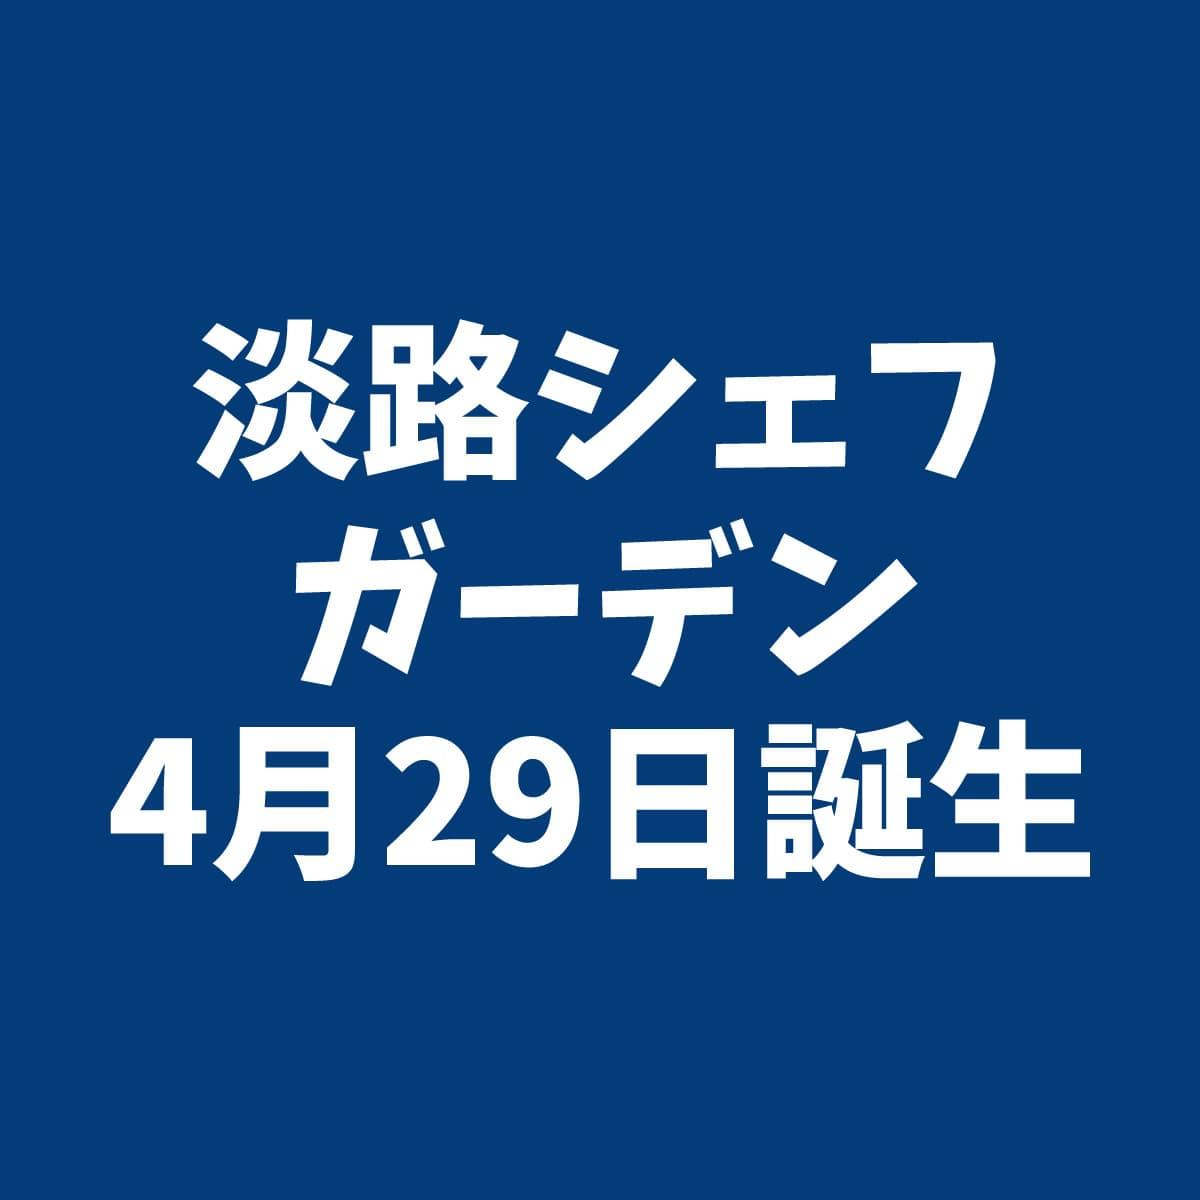 2021年4月29日「淡路シェフガーデン」オープン